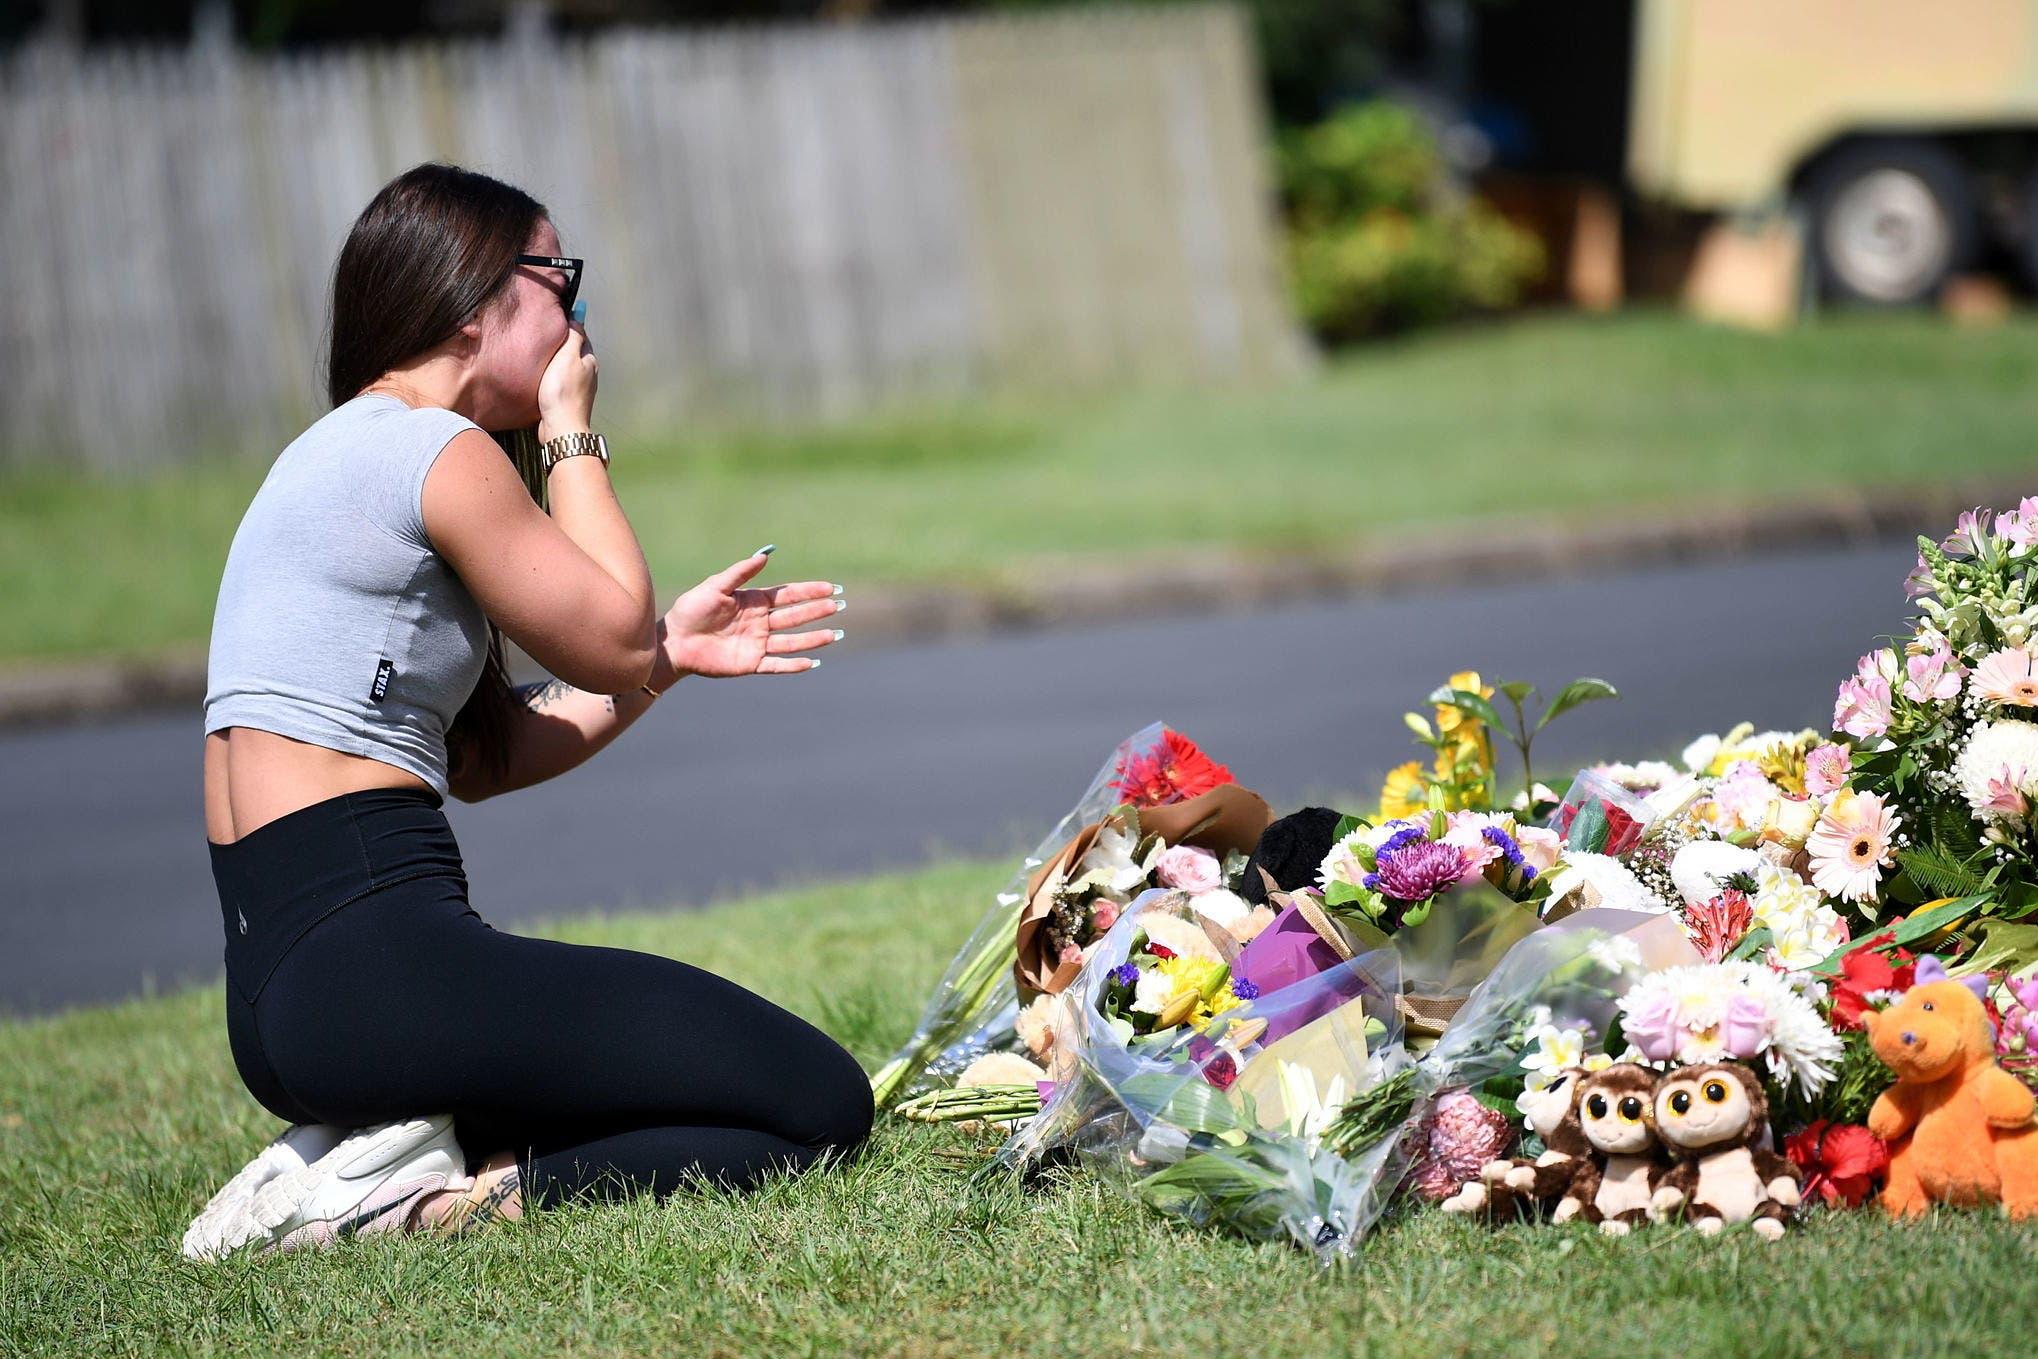 El exjugador de rugby Rowan Baxter quema vivos a su mujer y a sus tres hijos